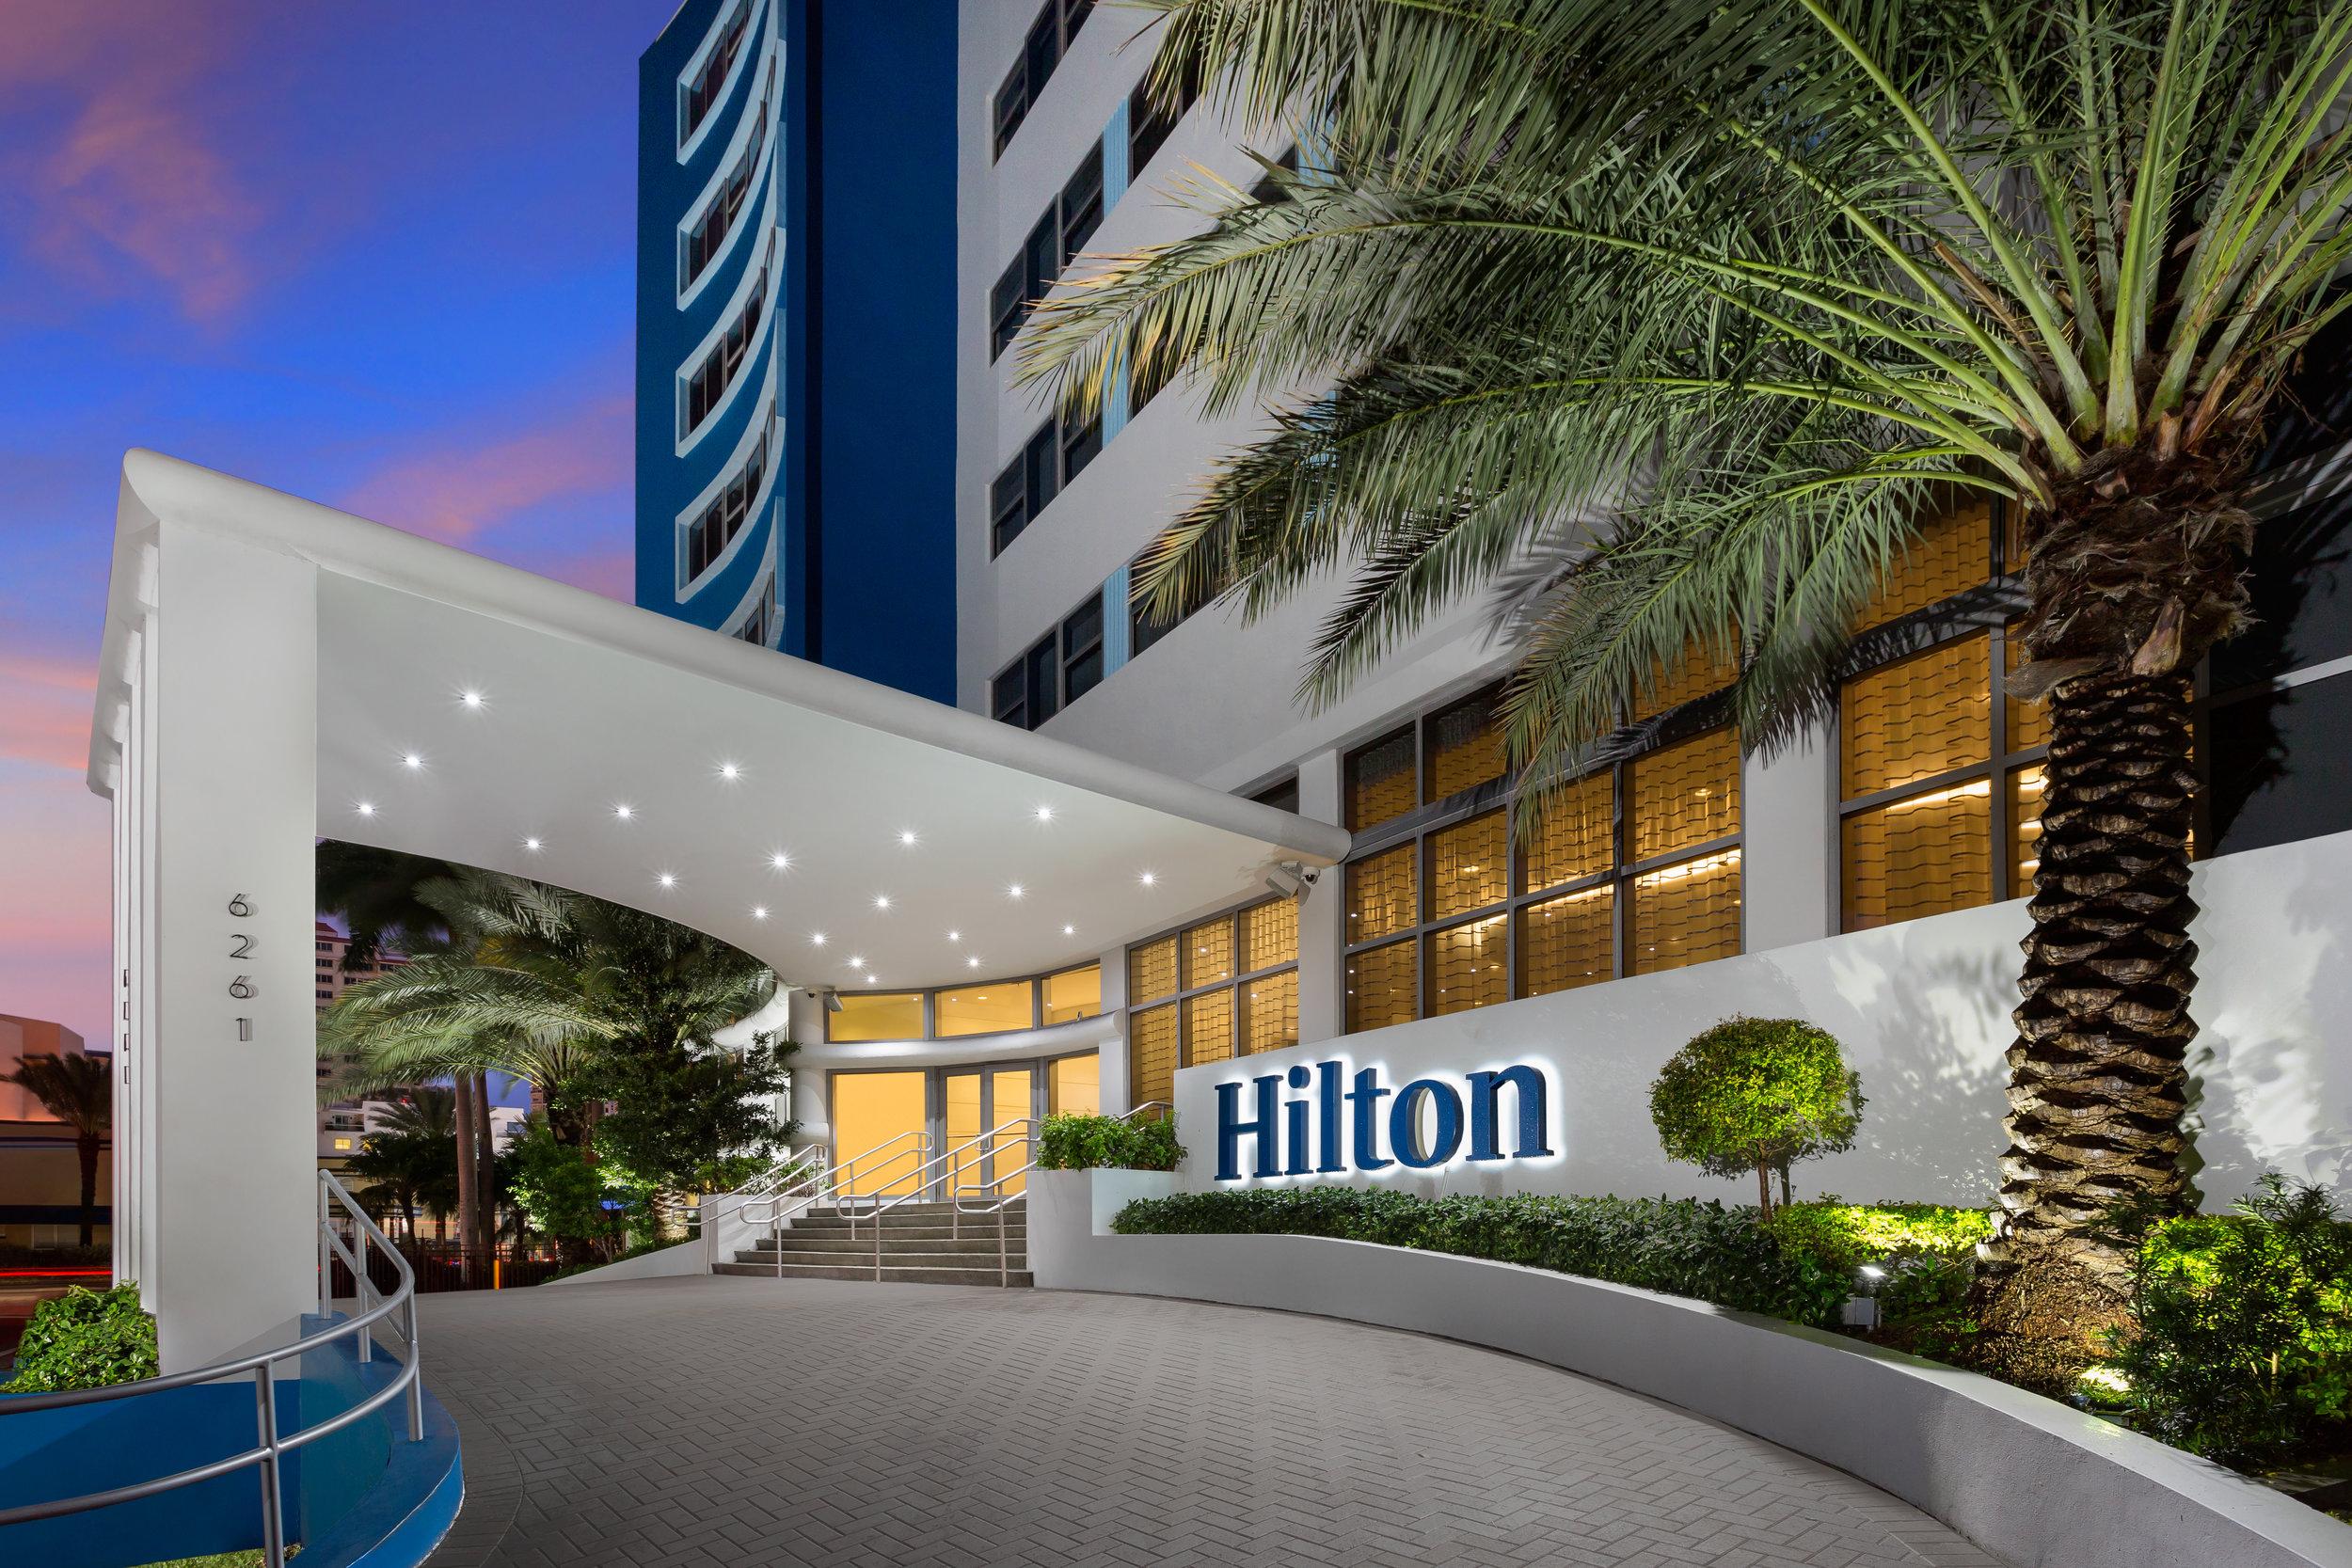 HILTON-CABANA-Exterior-Dusk.jpg